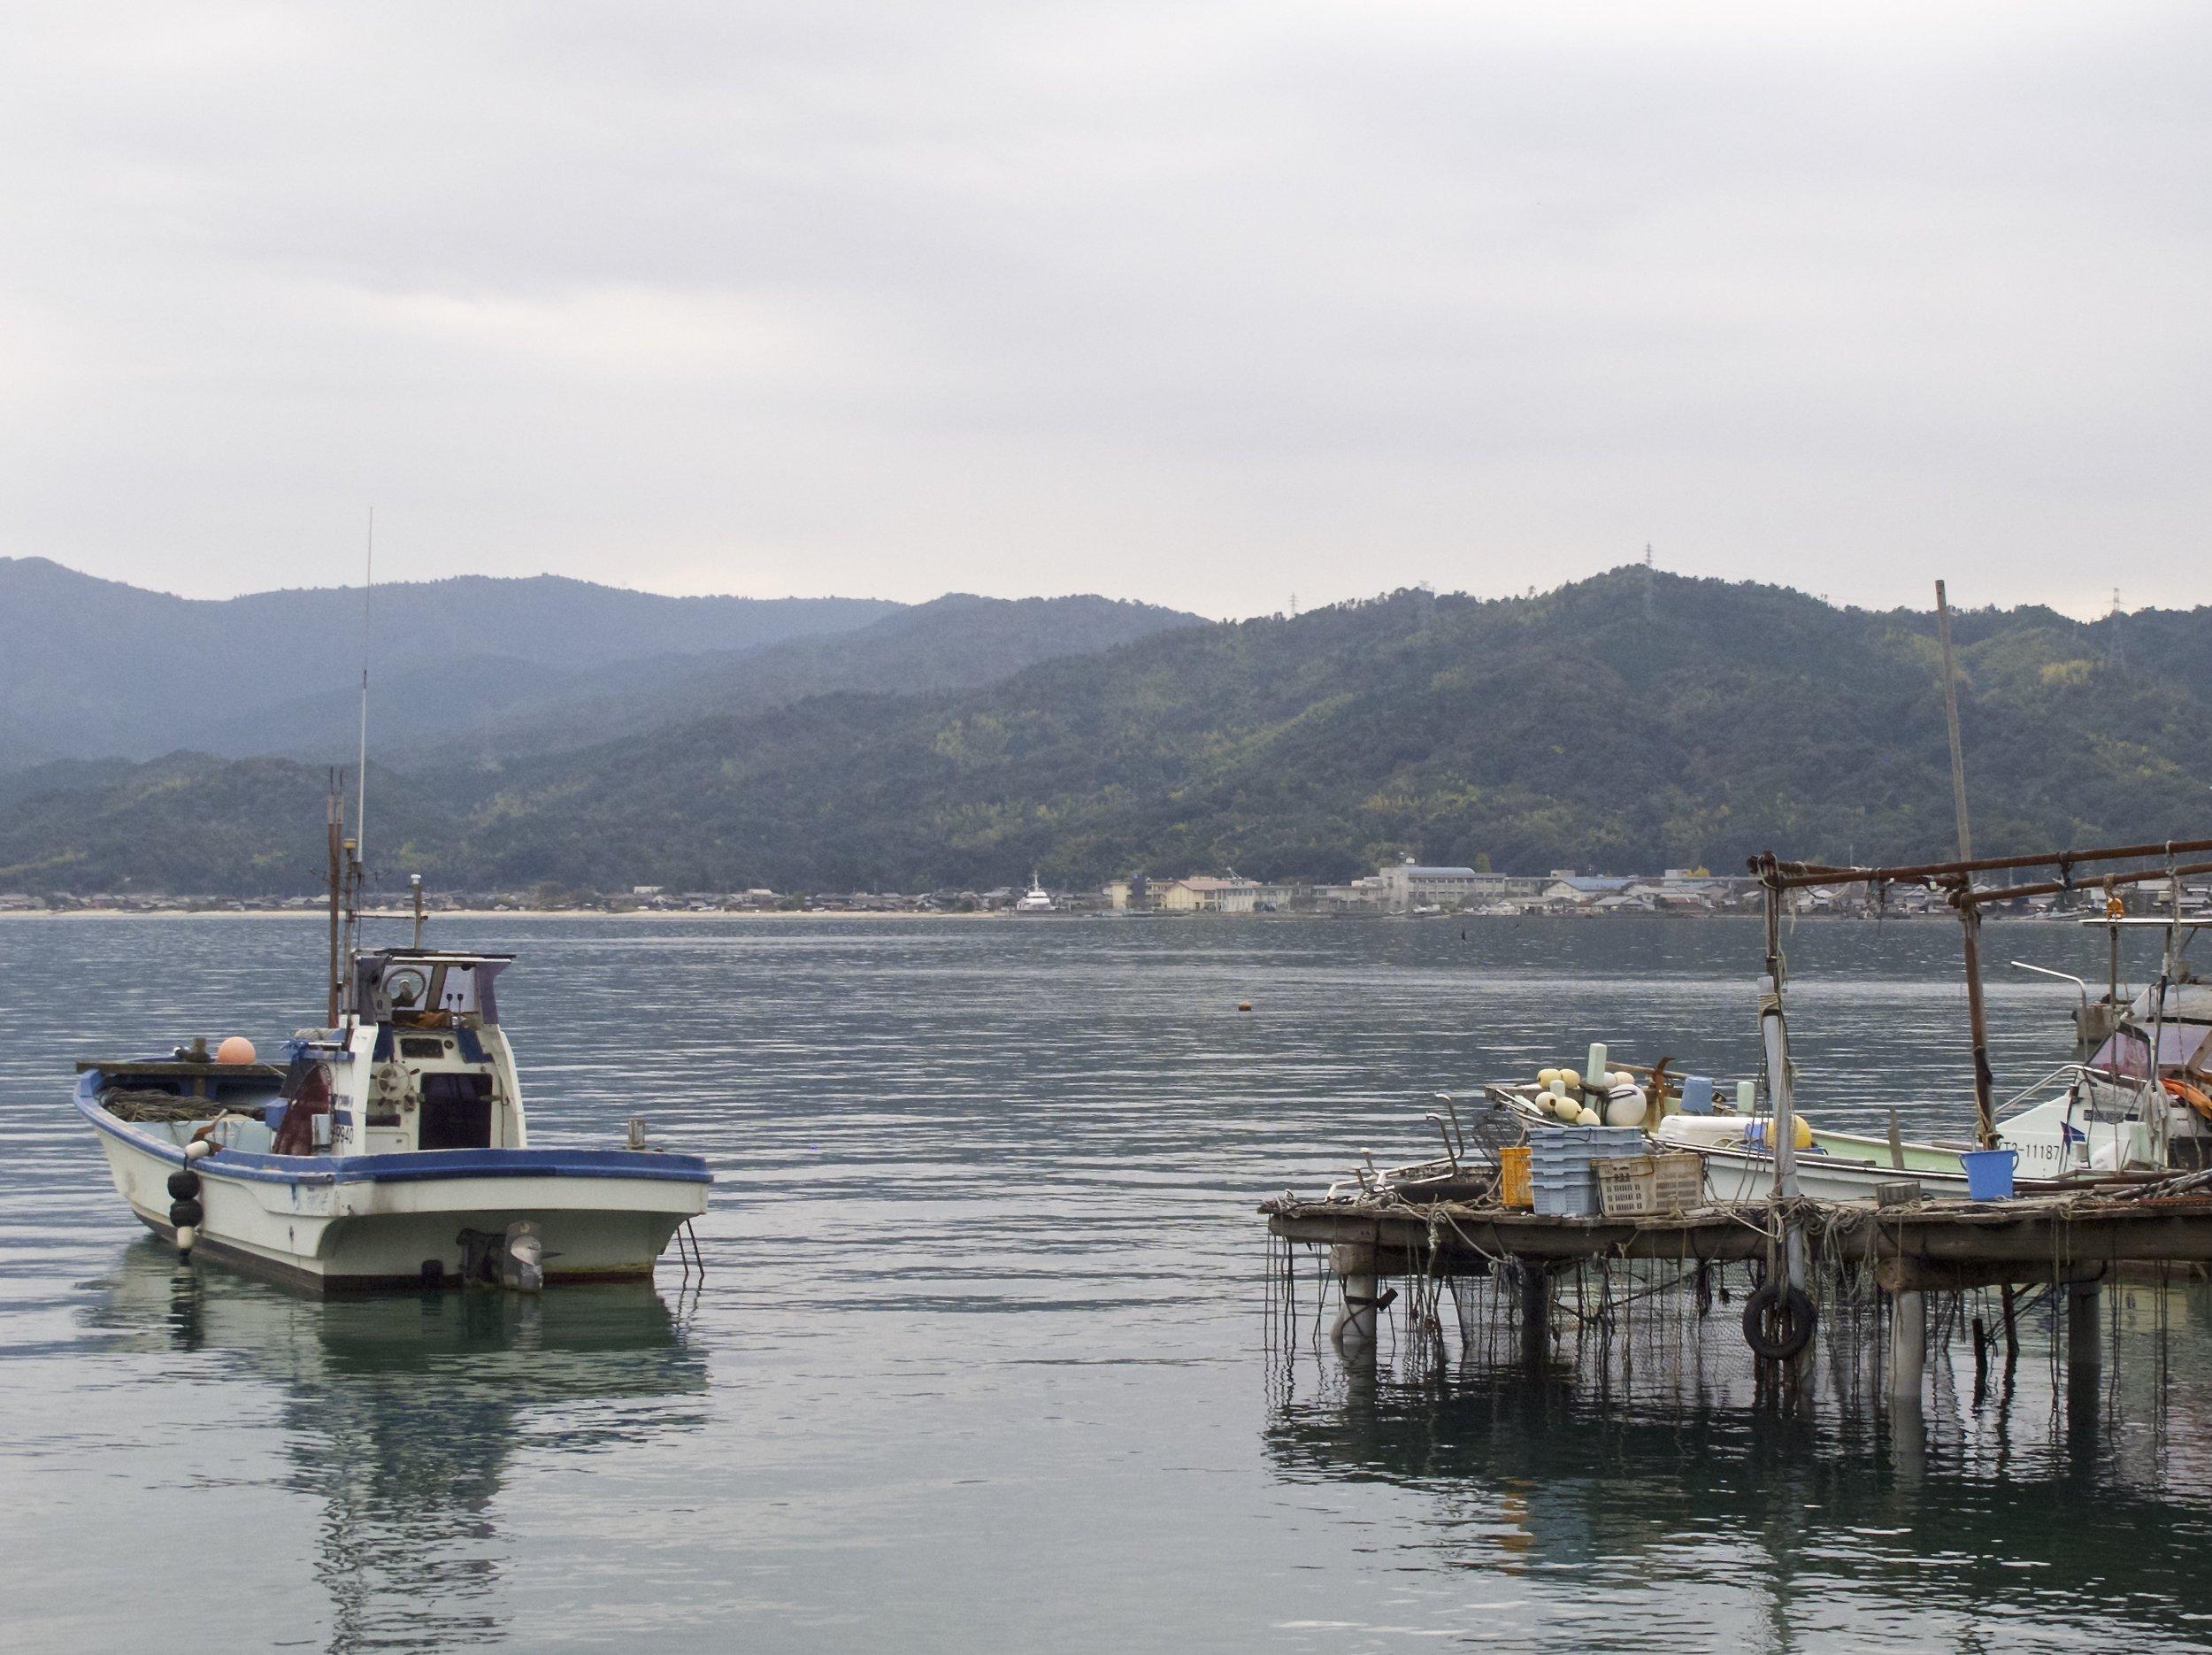 Kunda Bay, where Iio Jozo is located, is a quiet corner of Kyoto prefecture's scenic coastline.